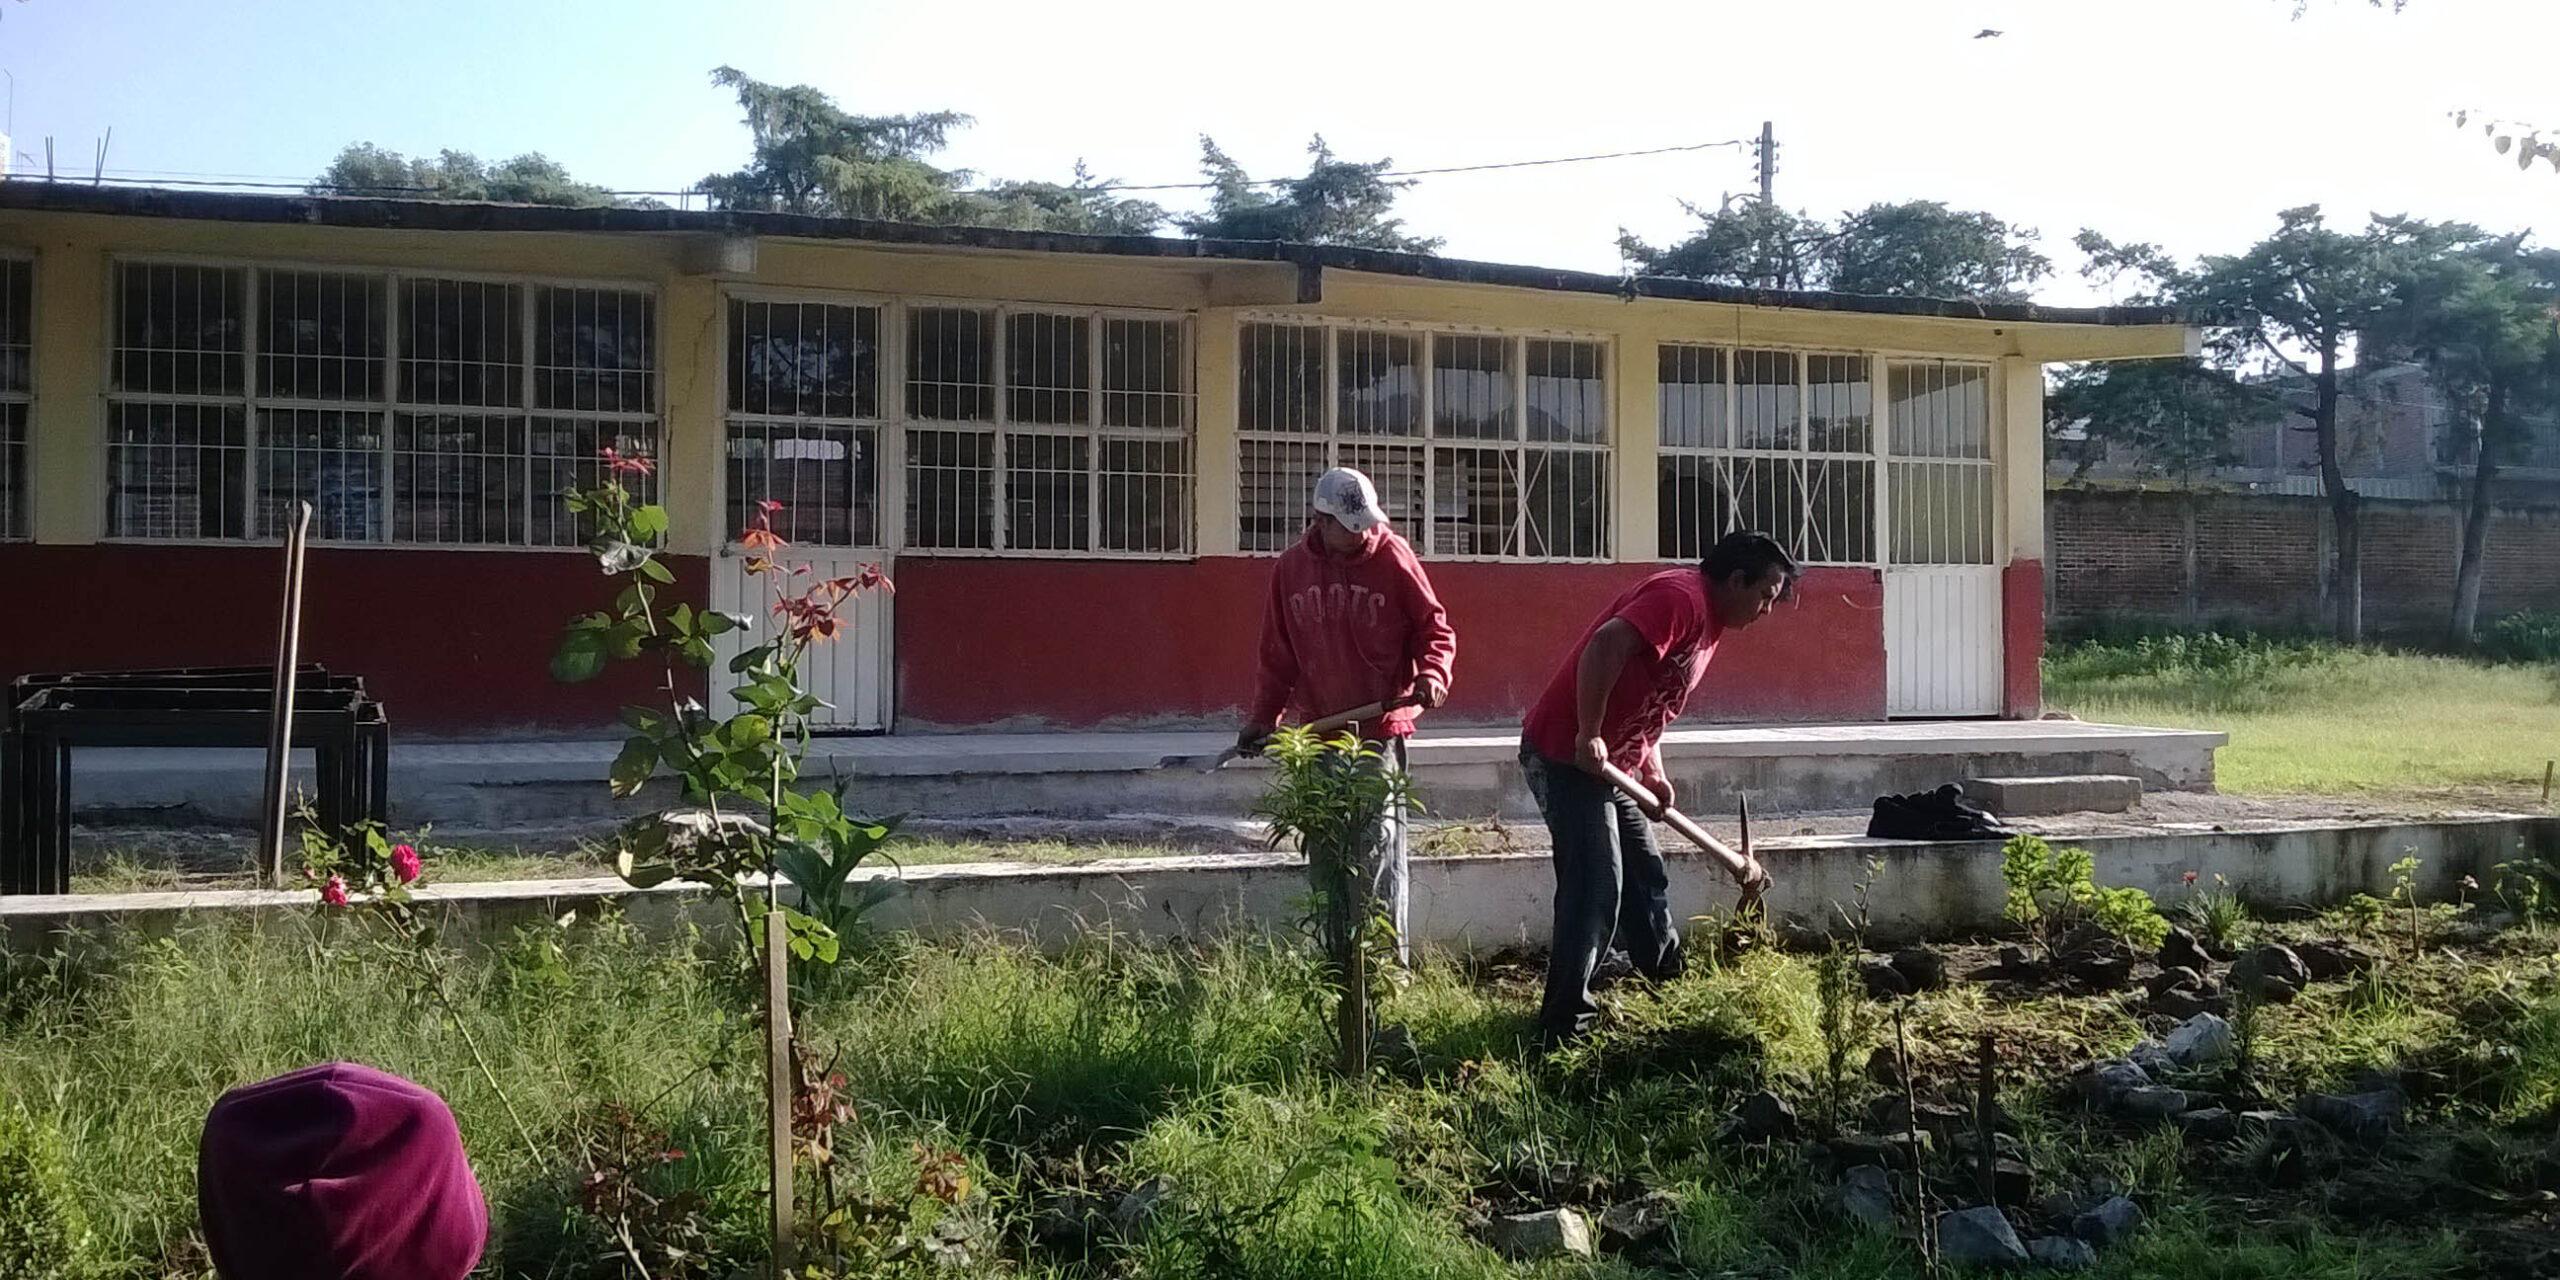 Plaga de ratas retrasa el regreso a clases presenciales en aulas | El Imparcial de Oaxaca